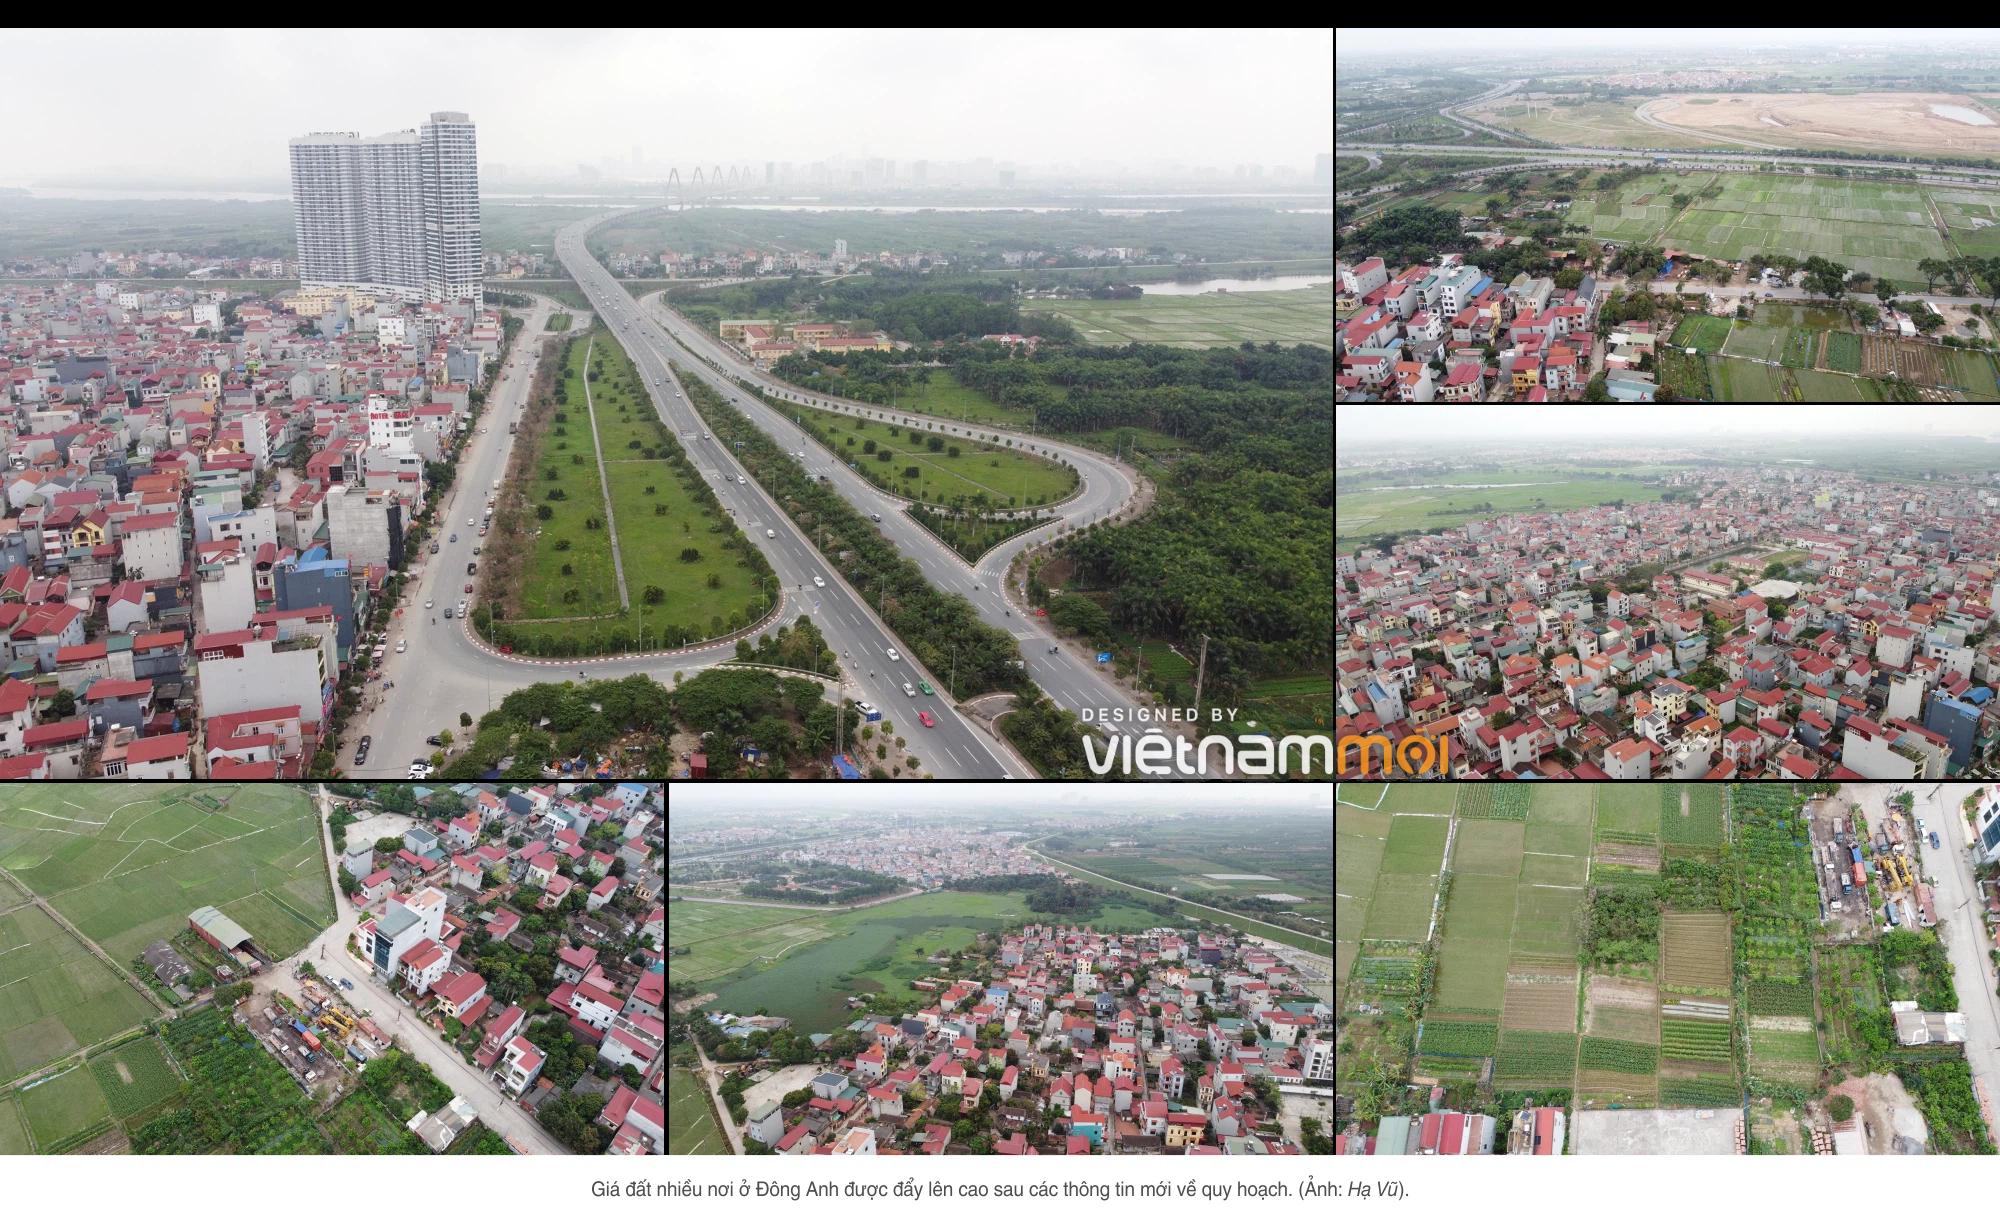 Loạt thông tin quy hoạch nên biết khi mua nhà đất ở Đông Anh, Hà Nội - Ảnh 20.